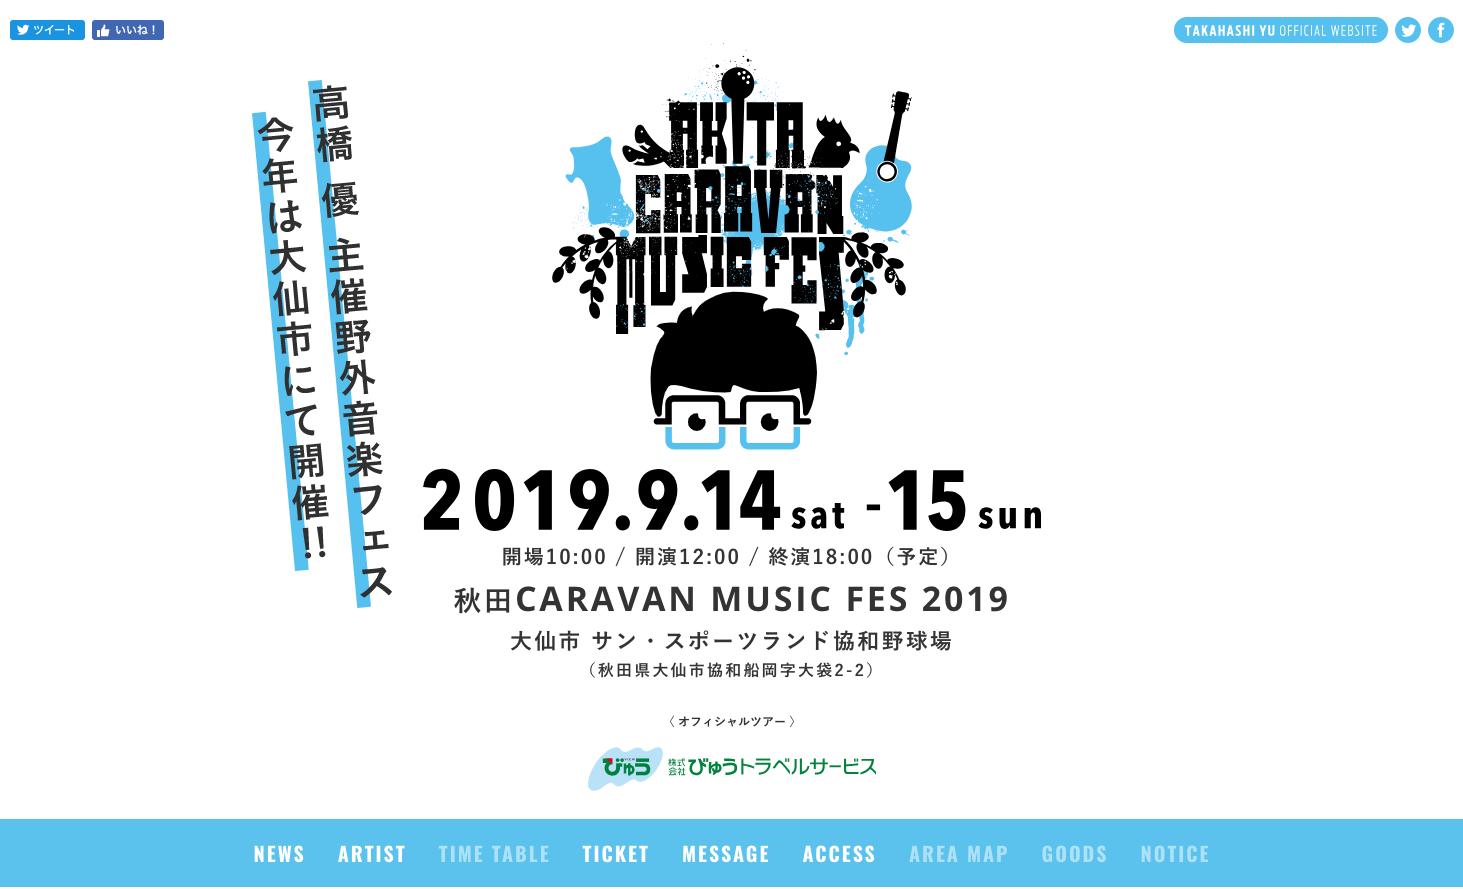 高橋優主催「秋田CARAVAN MUSIC FES」